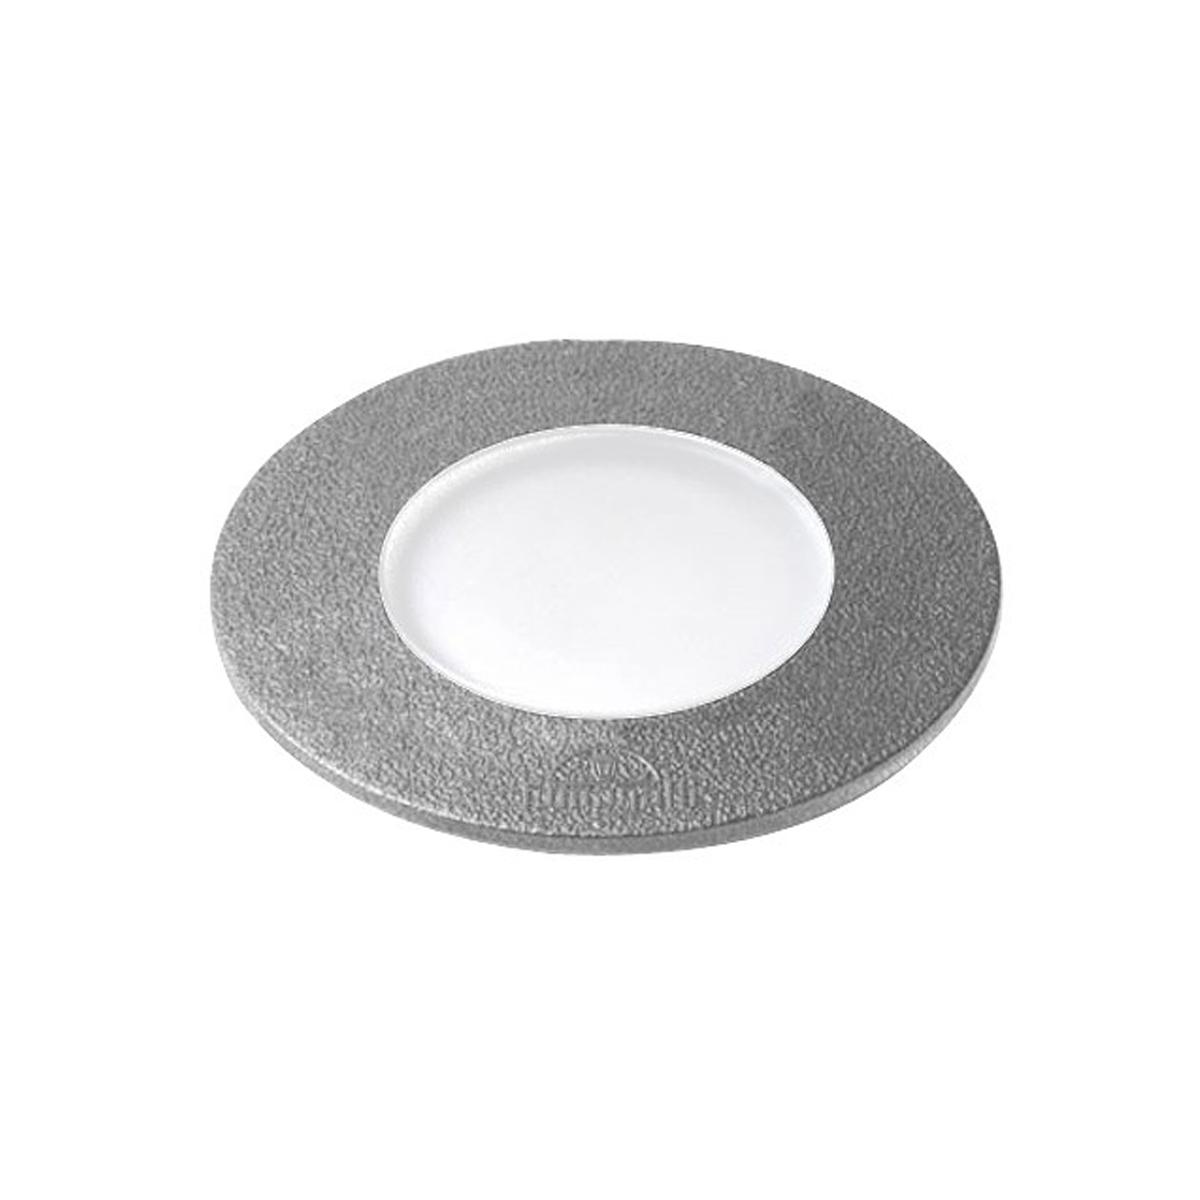 CECI 120mm Grey